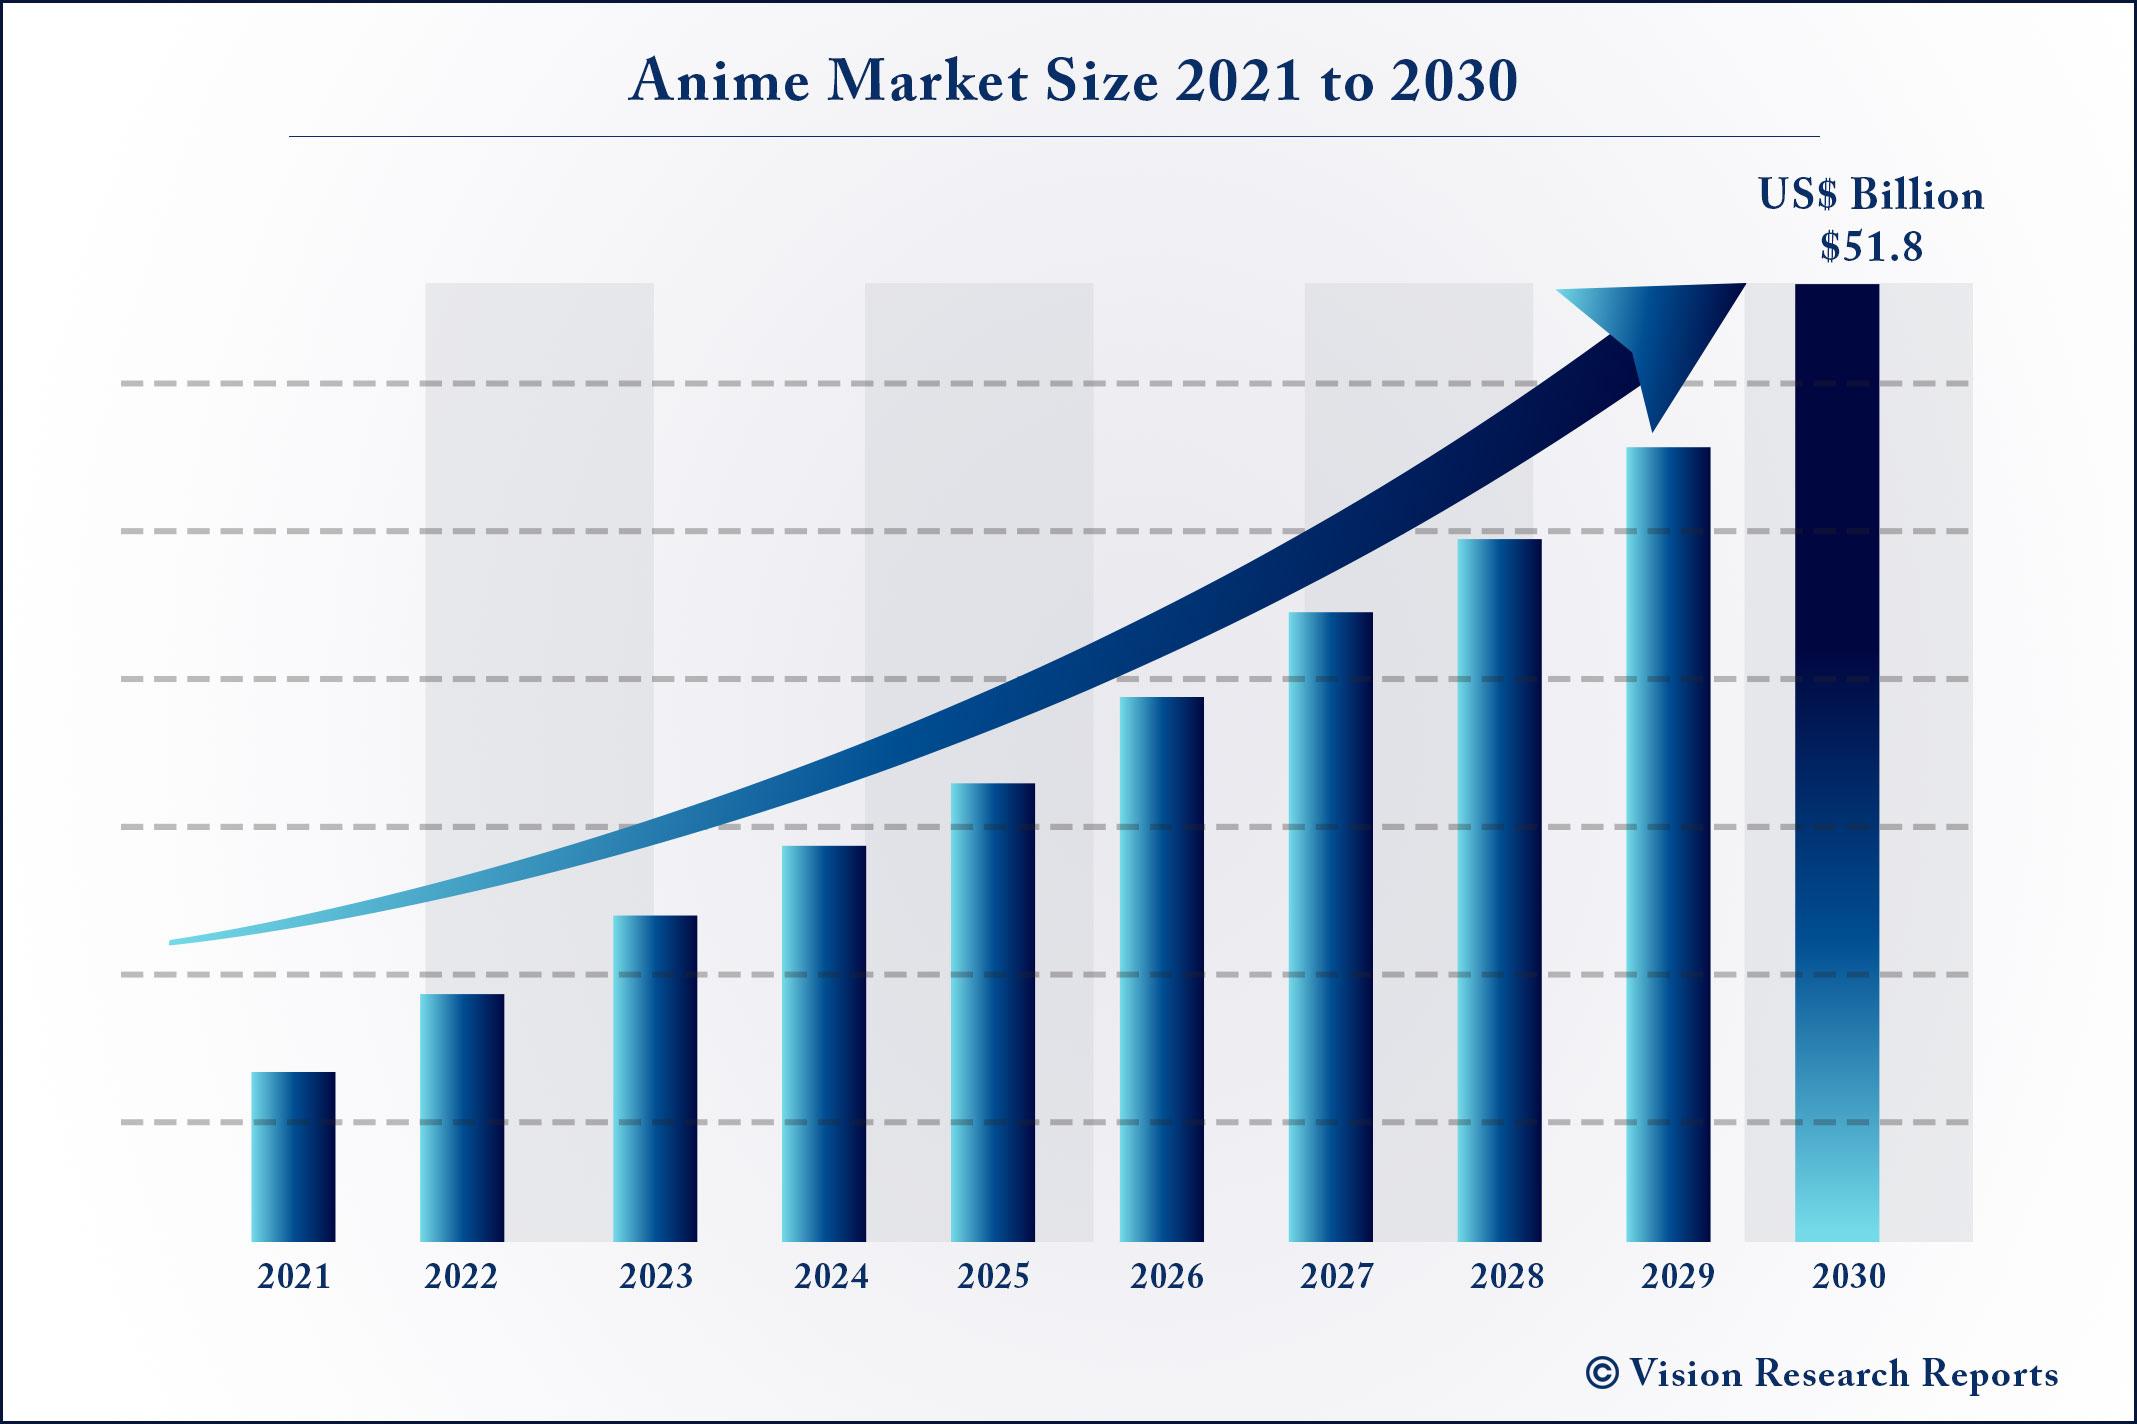 Anime Market Size 2021 to 2030